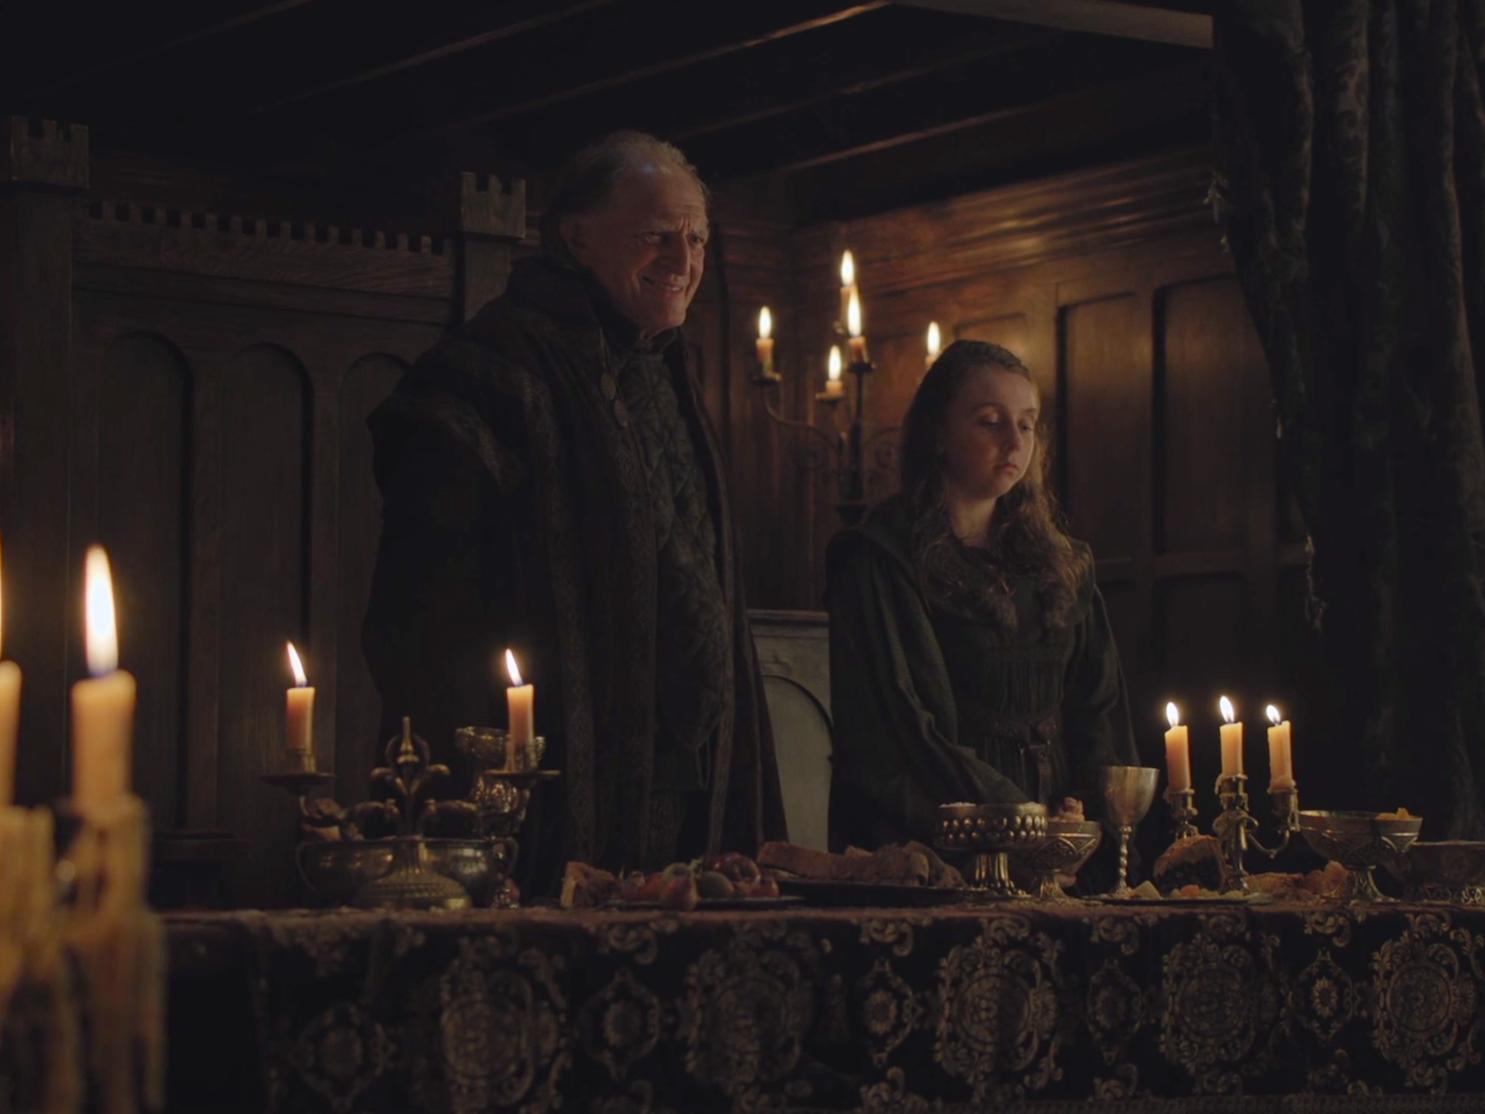 Walder Frey - Arya Stark